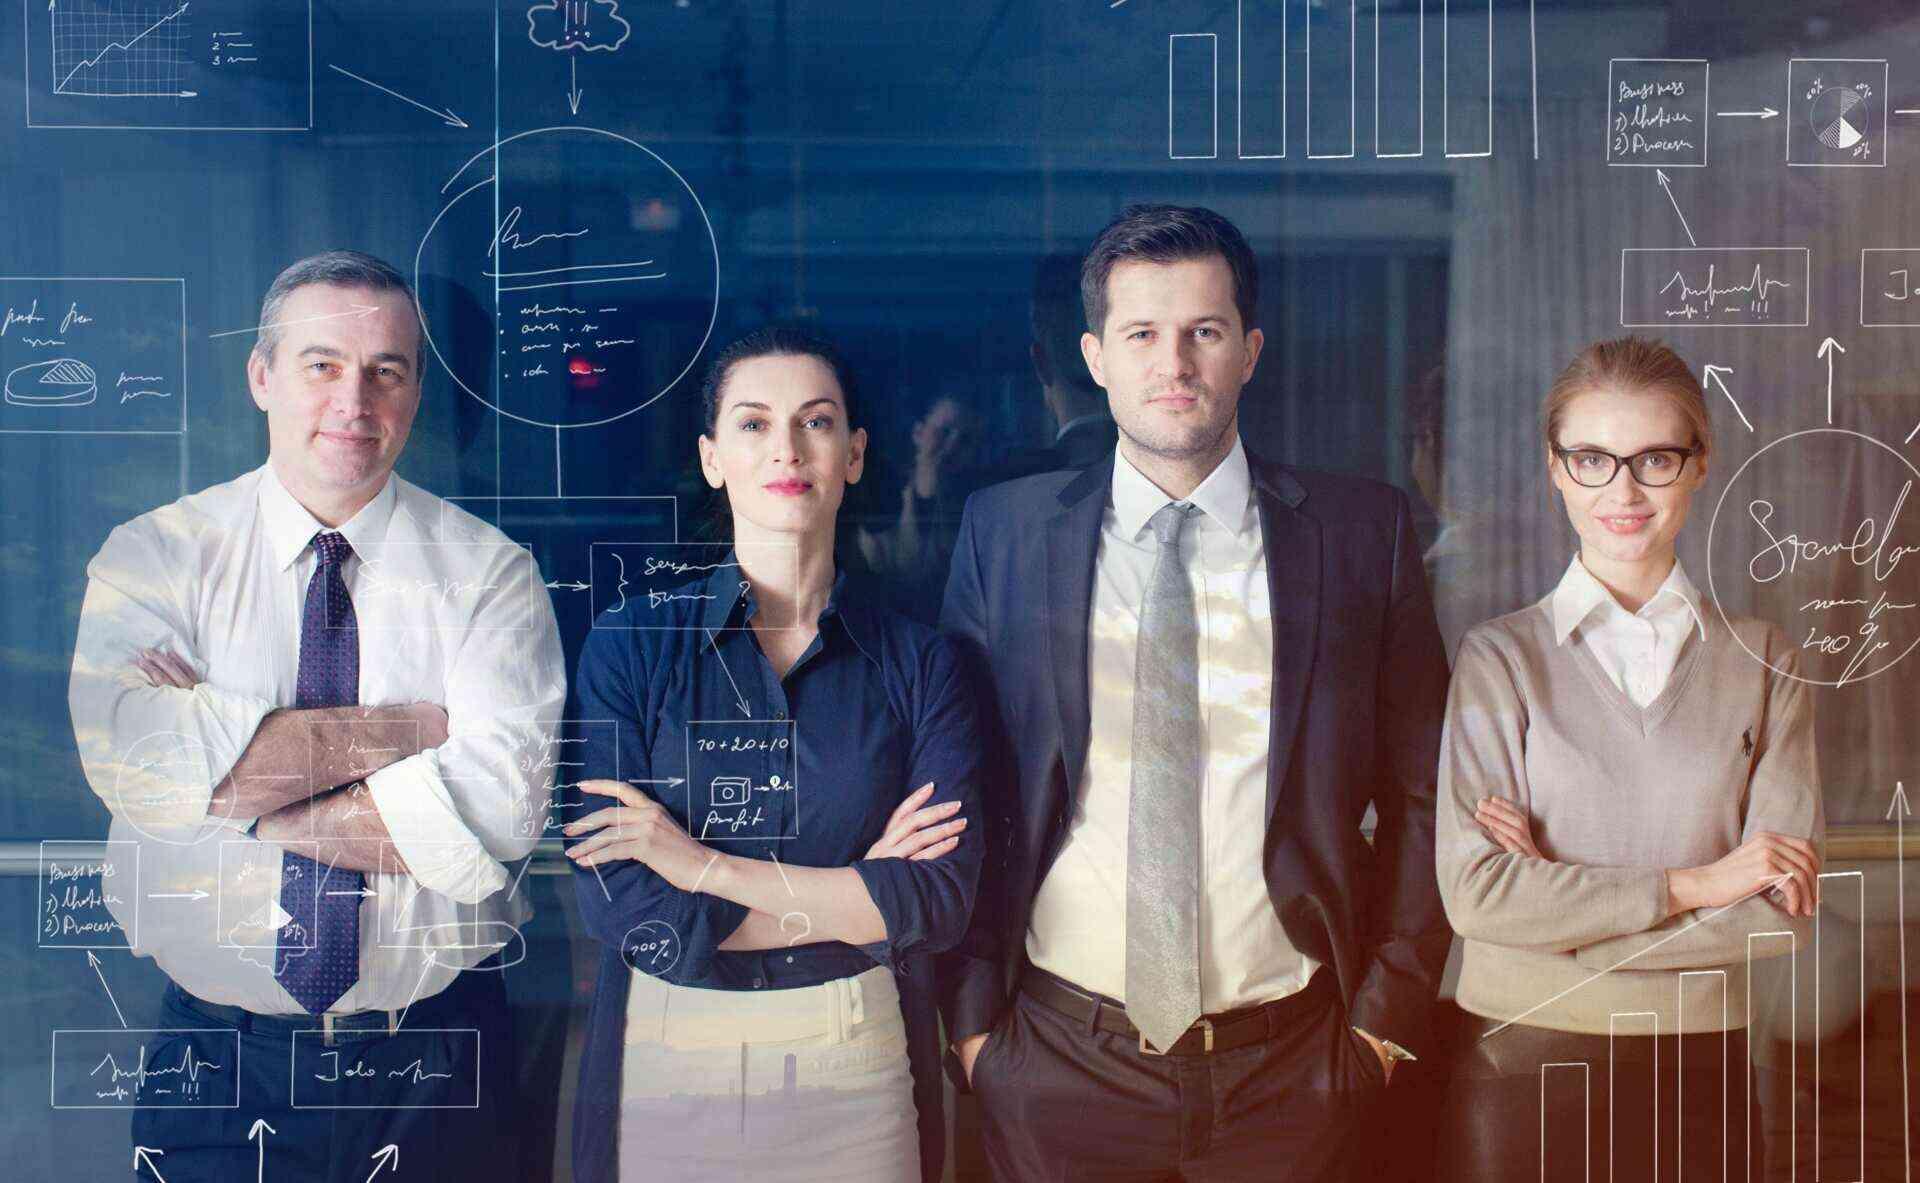 なくならない仕事って?AIやロボットに負けない将来性のある仕事を探そう